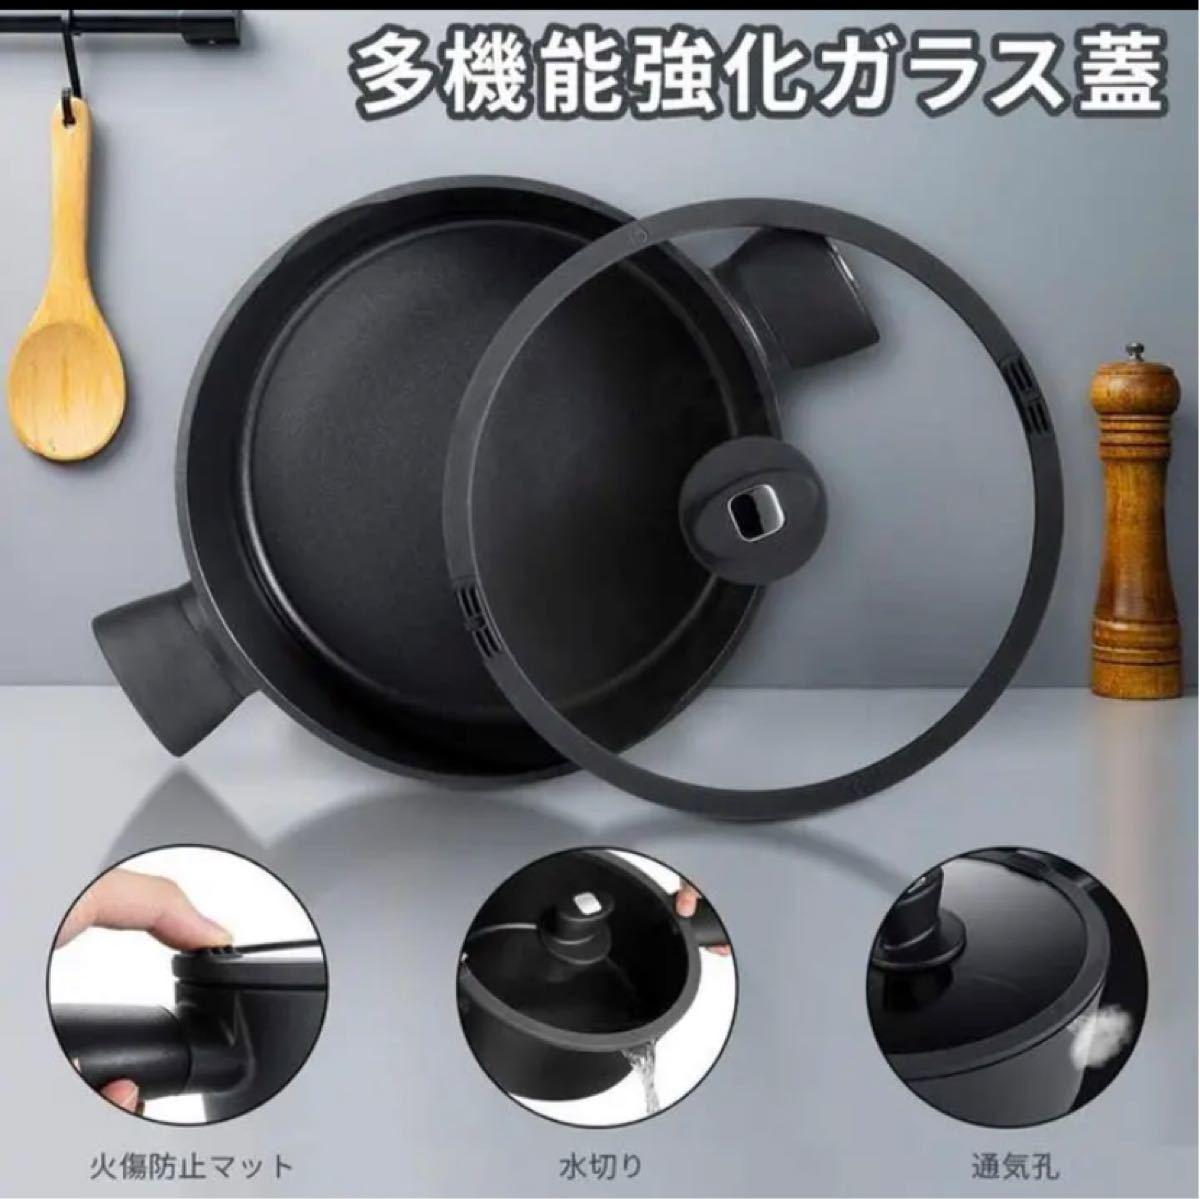 両手鍋 ガス対応 鍋 IH 28cm 卓上鍋 ガラス蓋付 浅型 食器洗機対応 すきやき